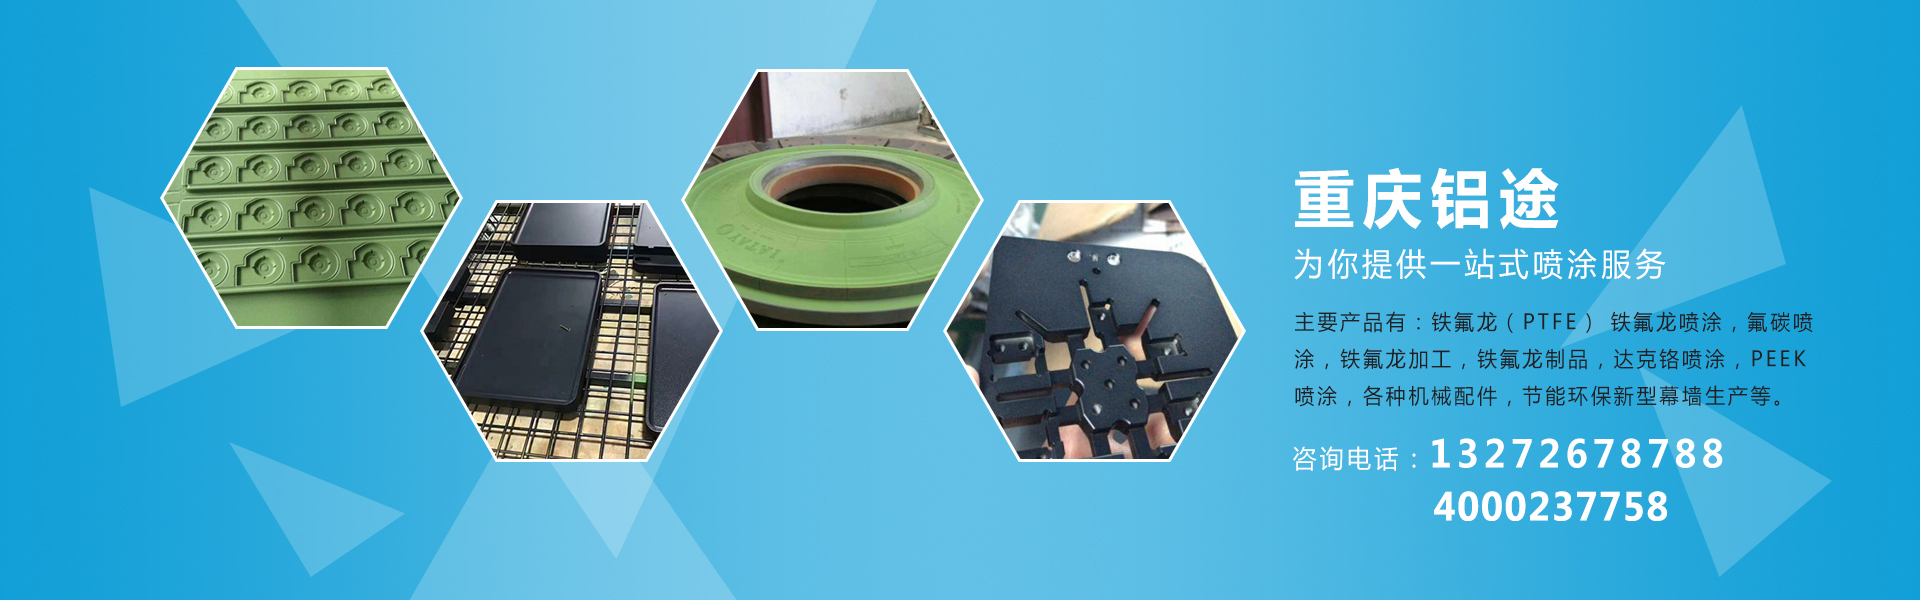 重庆铝途为你提供一站式喷涂服务:主要产品有:铁氟龙(PTFE)铁氟龙喷涂、氟碳喷涂、铁氟龙加工、铁氟龙制品、达克铬喷涂、PEEK喷涂、各种机械配件,节能环保新型幕墙生产等。